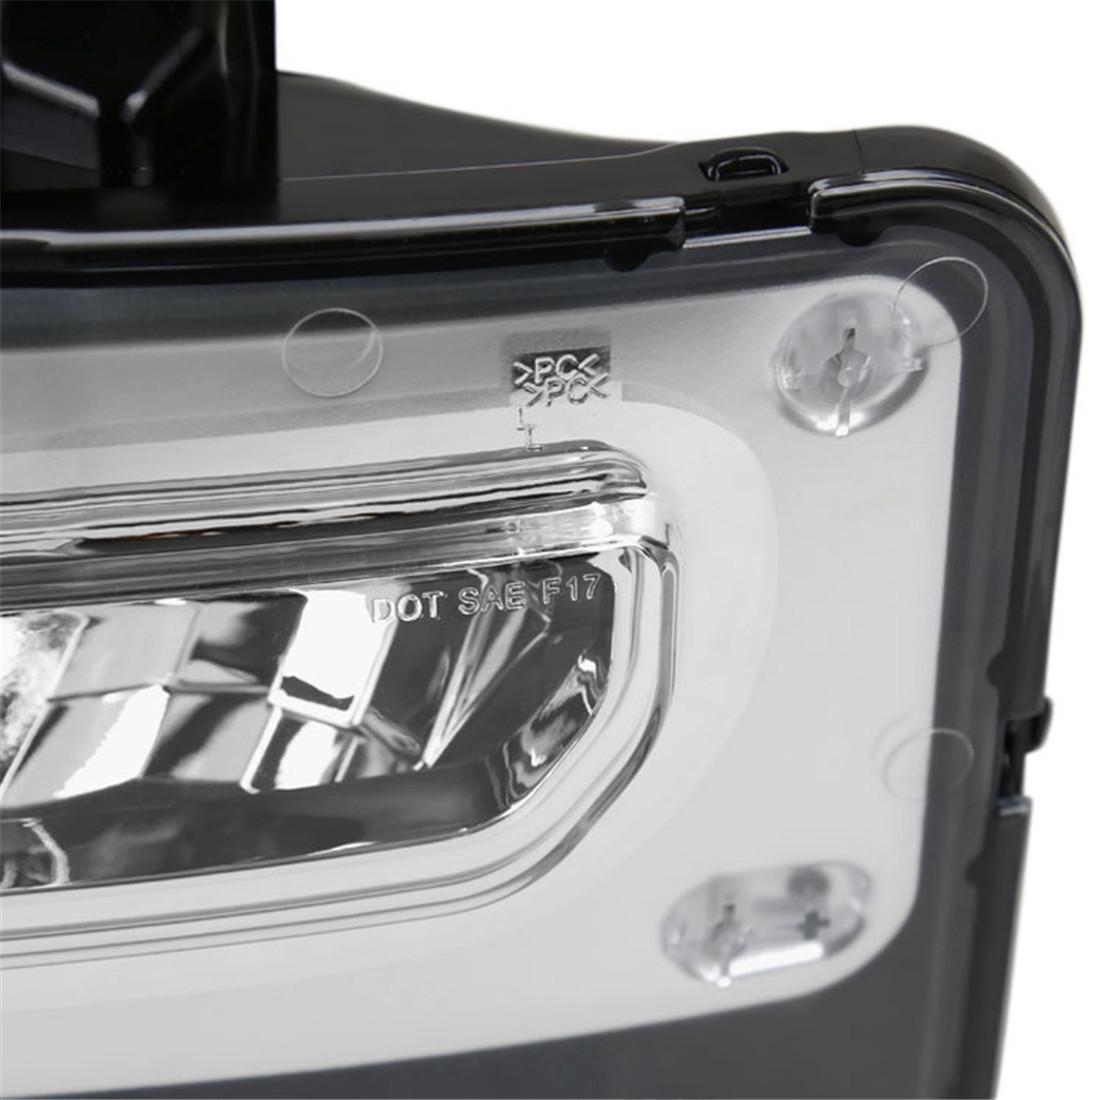 2000 LEXUS RX300 FRONT LH QUARTER PANEL GLASS X7175